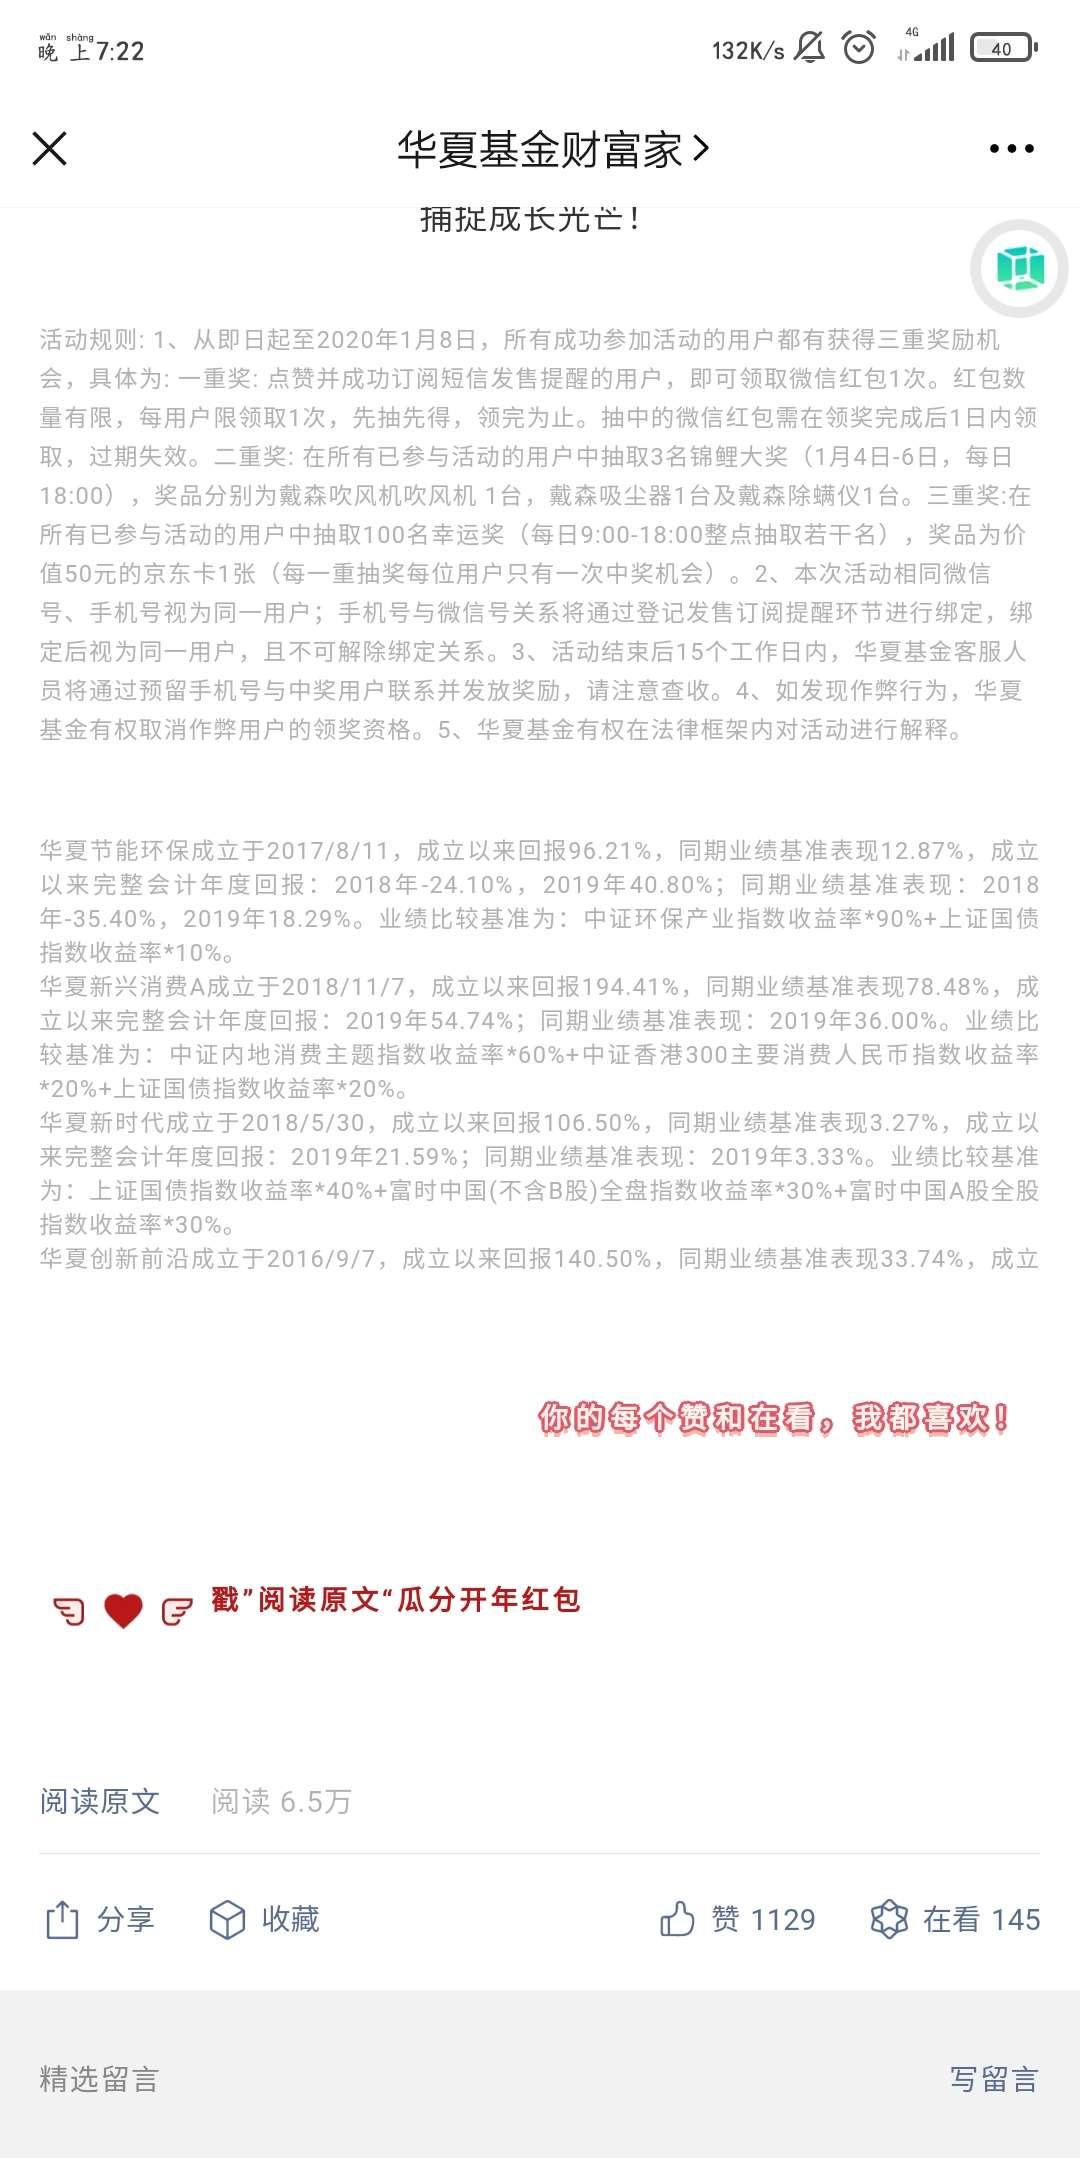 图片[2]-华夏基金点赞抽红包-老友薅羊毛活动线报网